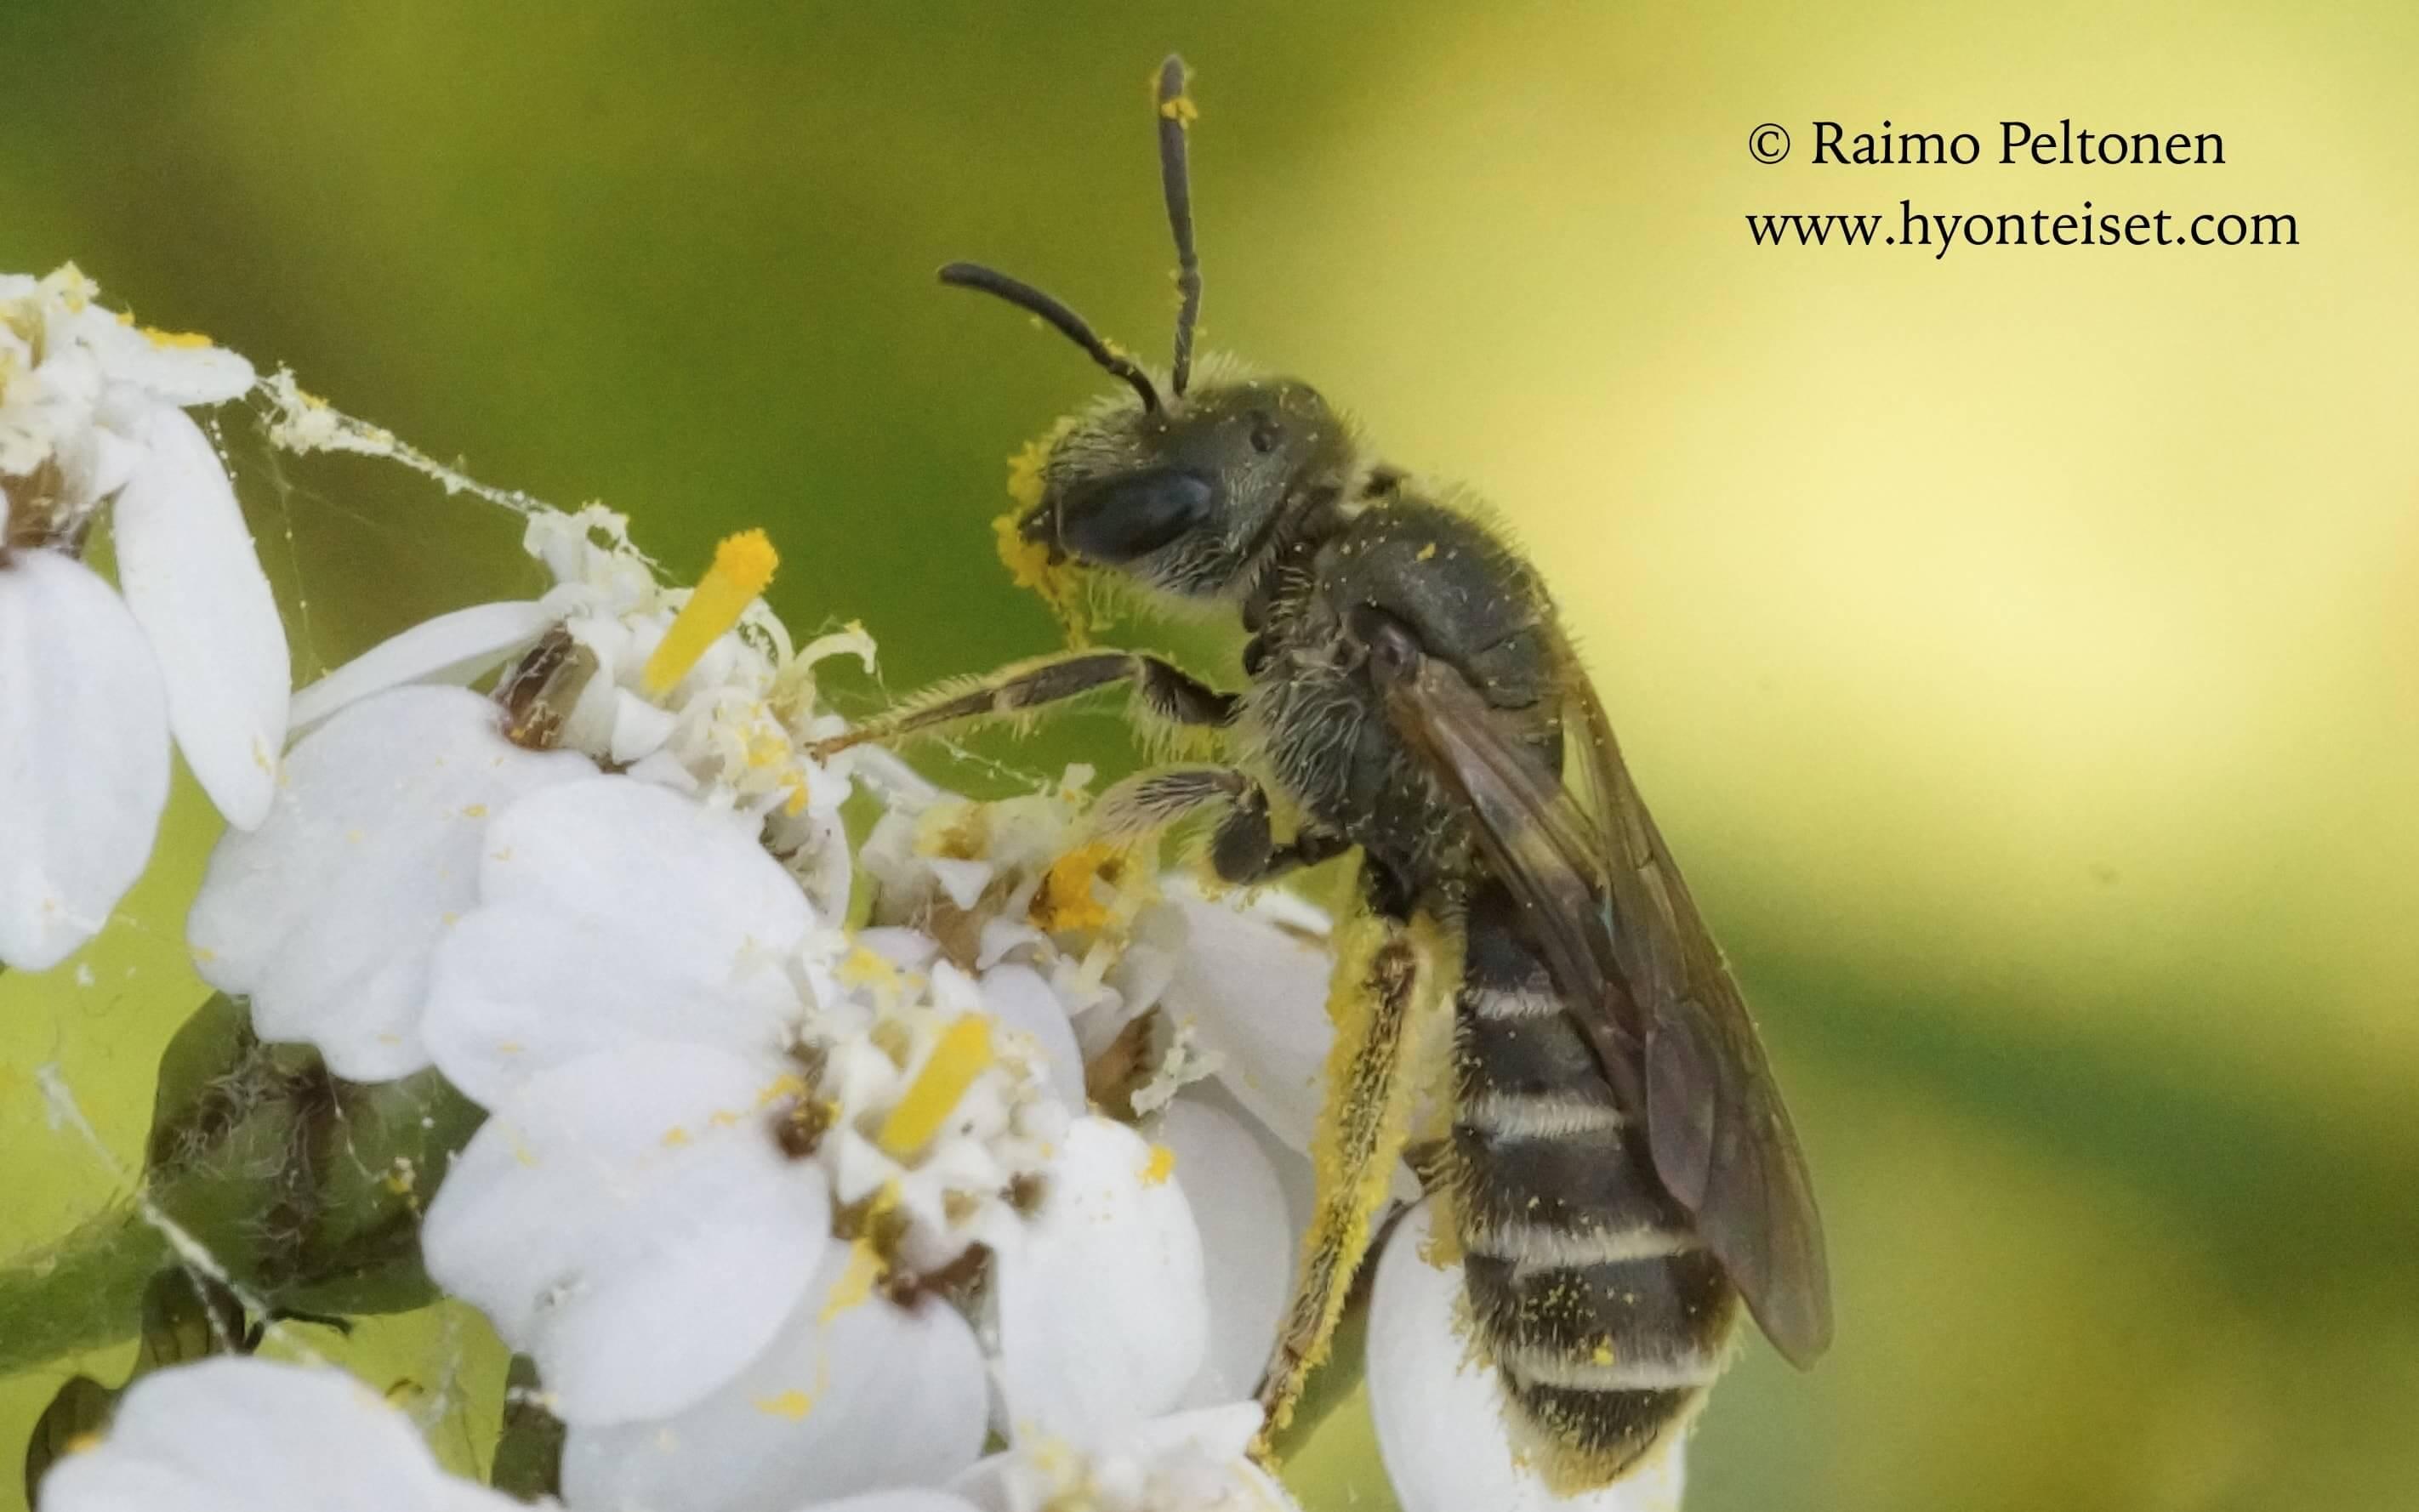 Halictus tumulorum-tarhavakomehiläinen (det. Juho Paukkunen)